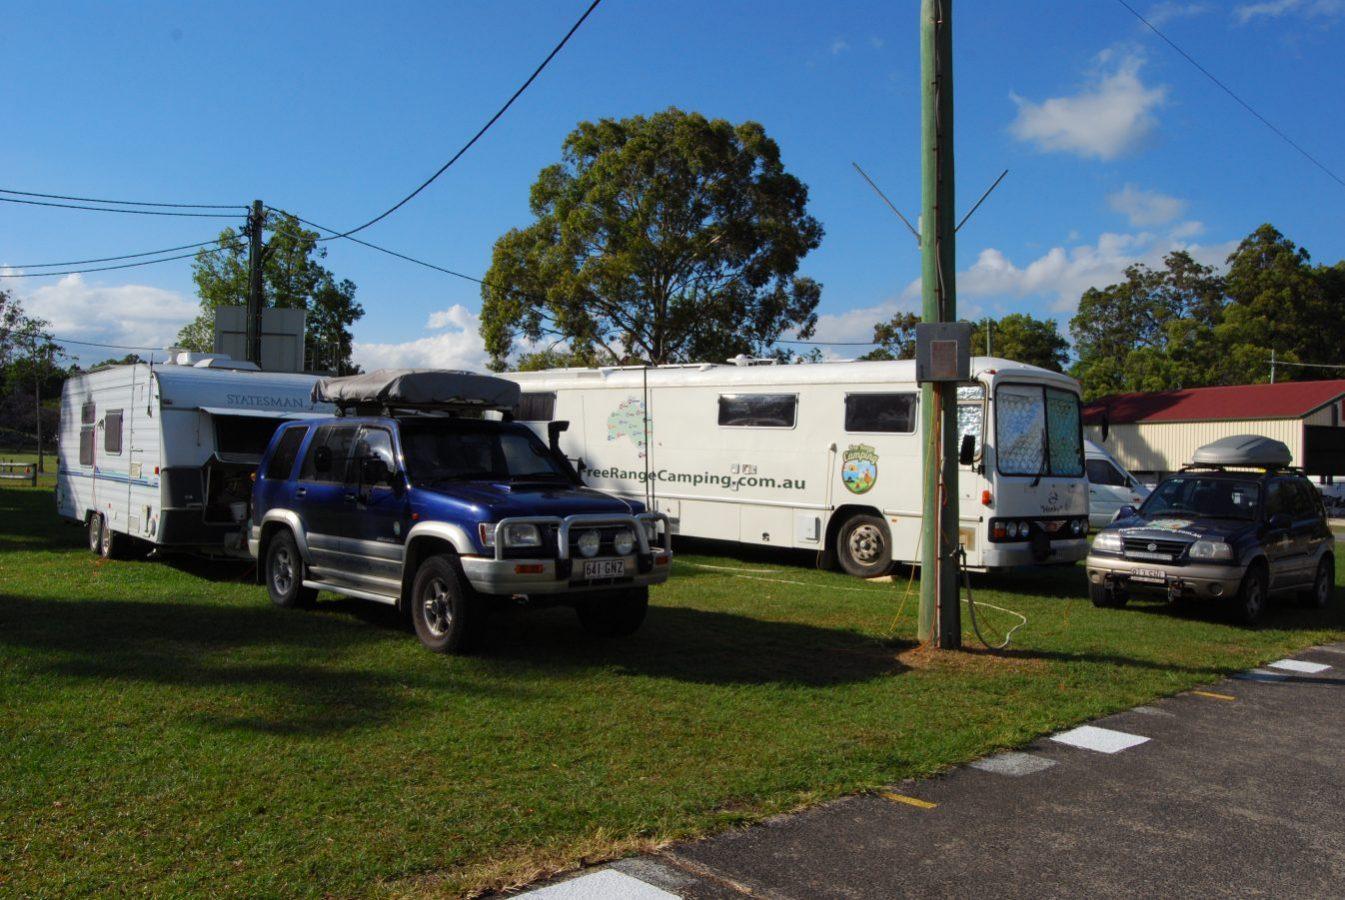 The FreeRange Camping crew at Murwillumbah Showgrounds